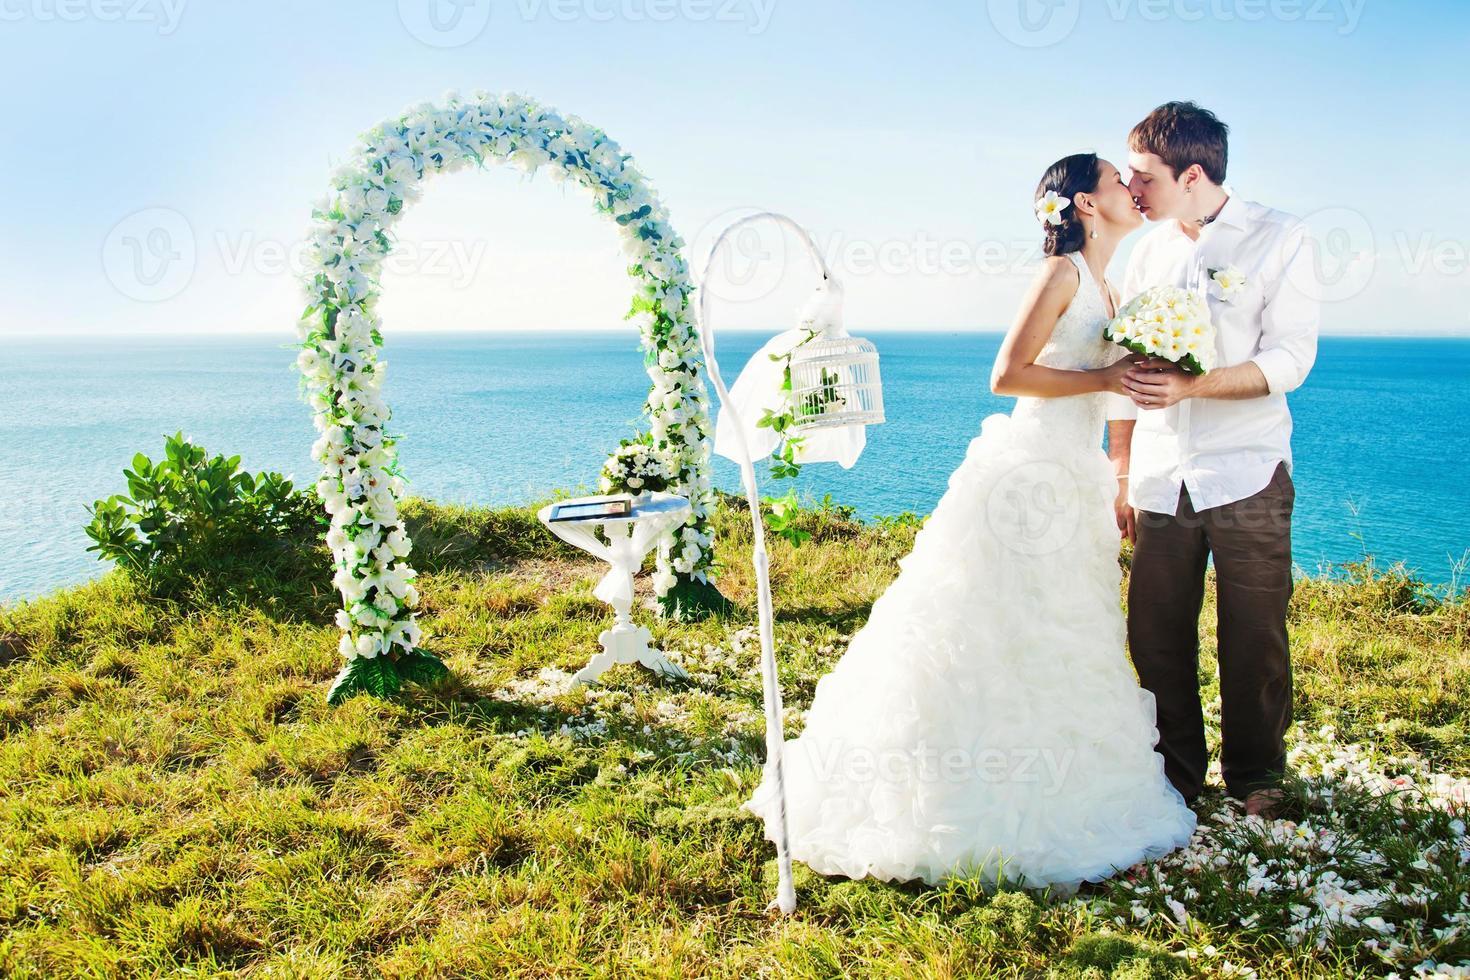 bröllopsceremoni på stranden foto